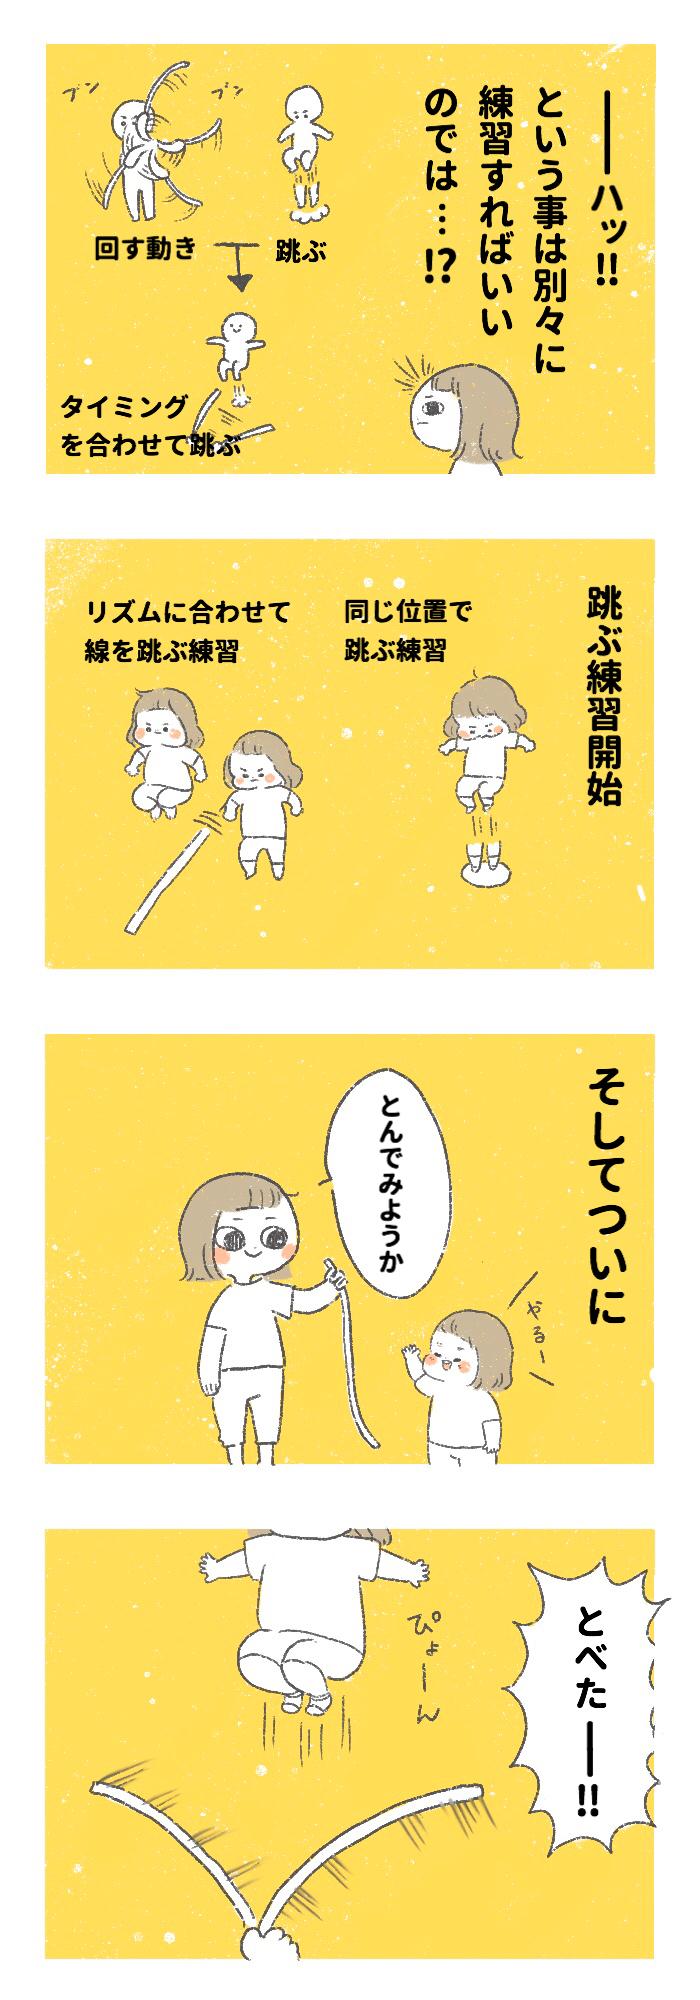 娘の縄跳び練習がもはやカオス…。教えるって、意外と難しい!の画像3